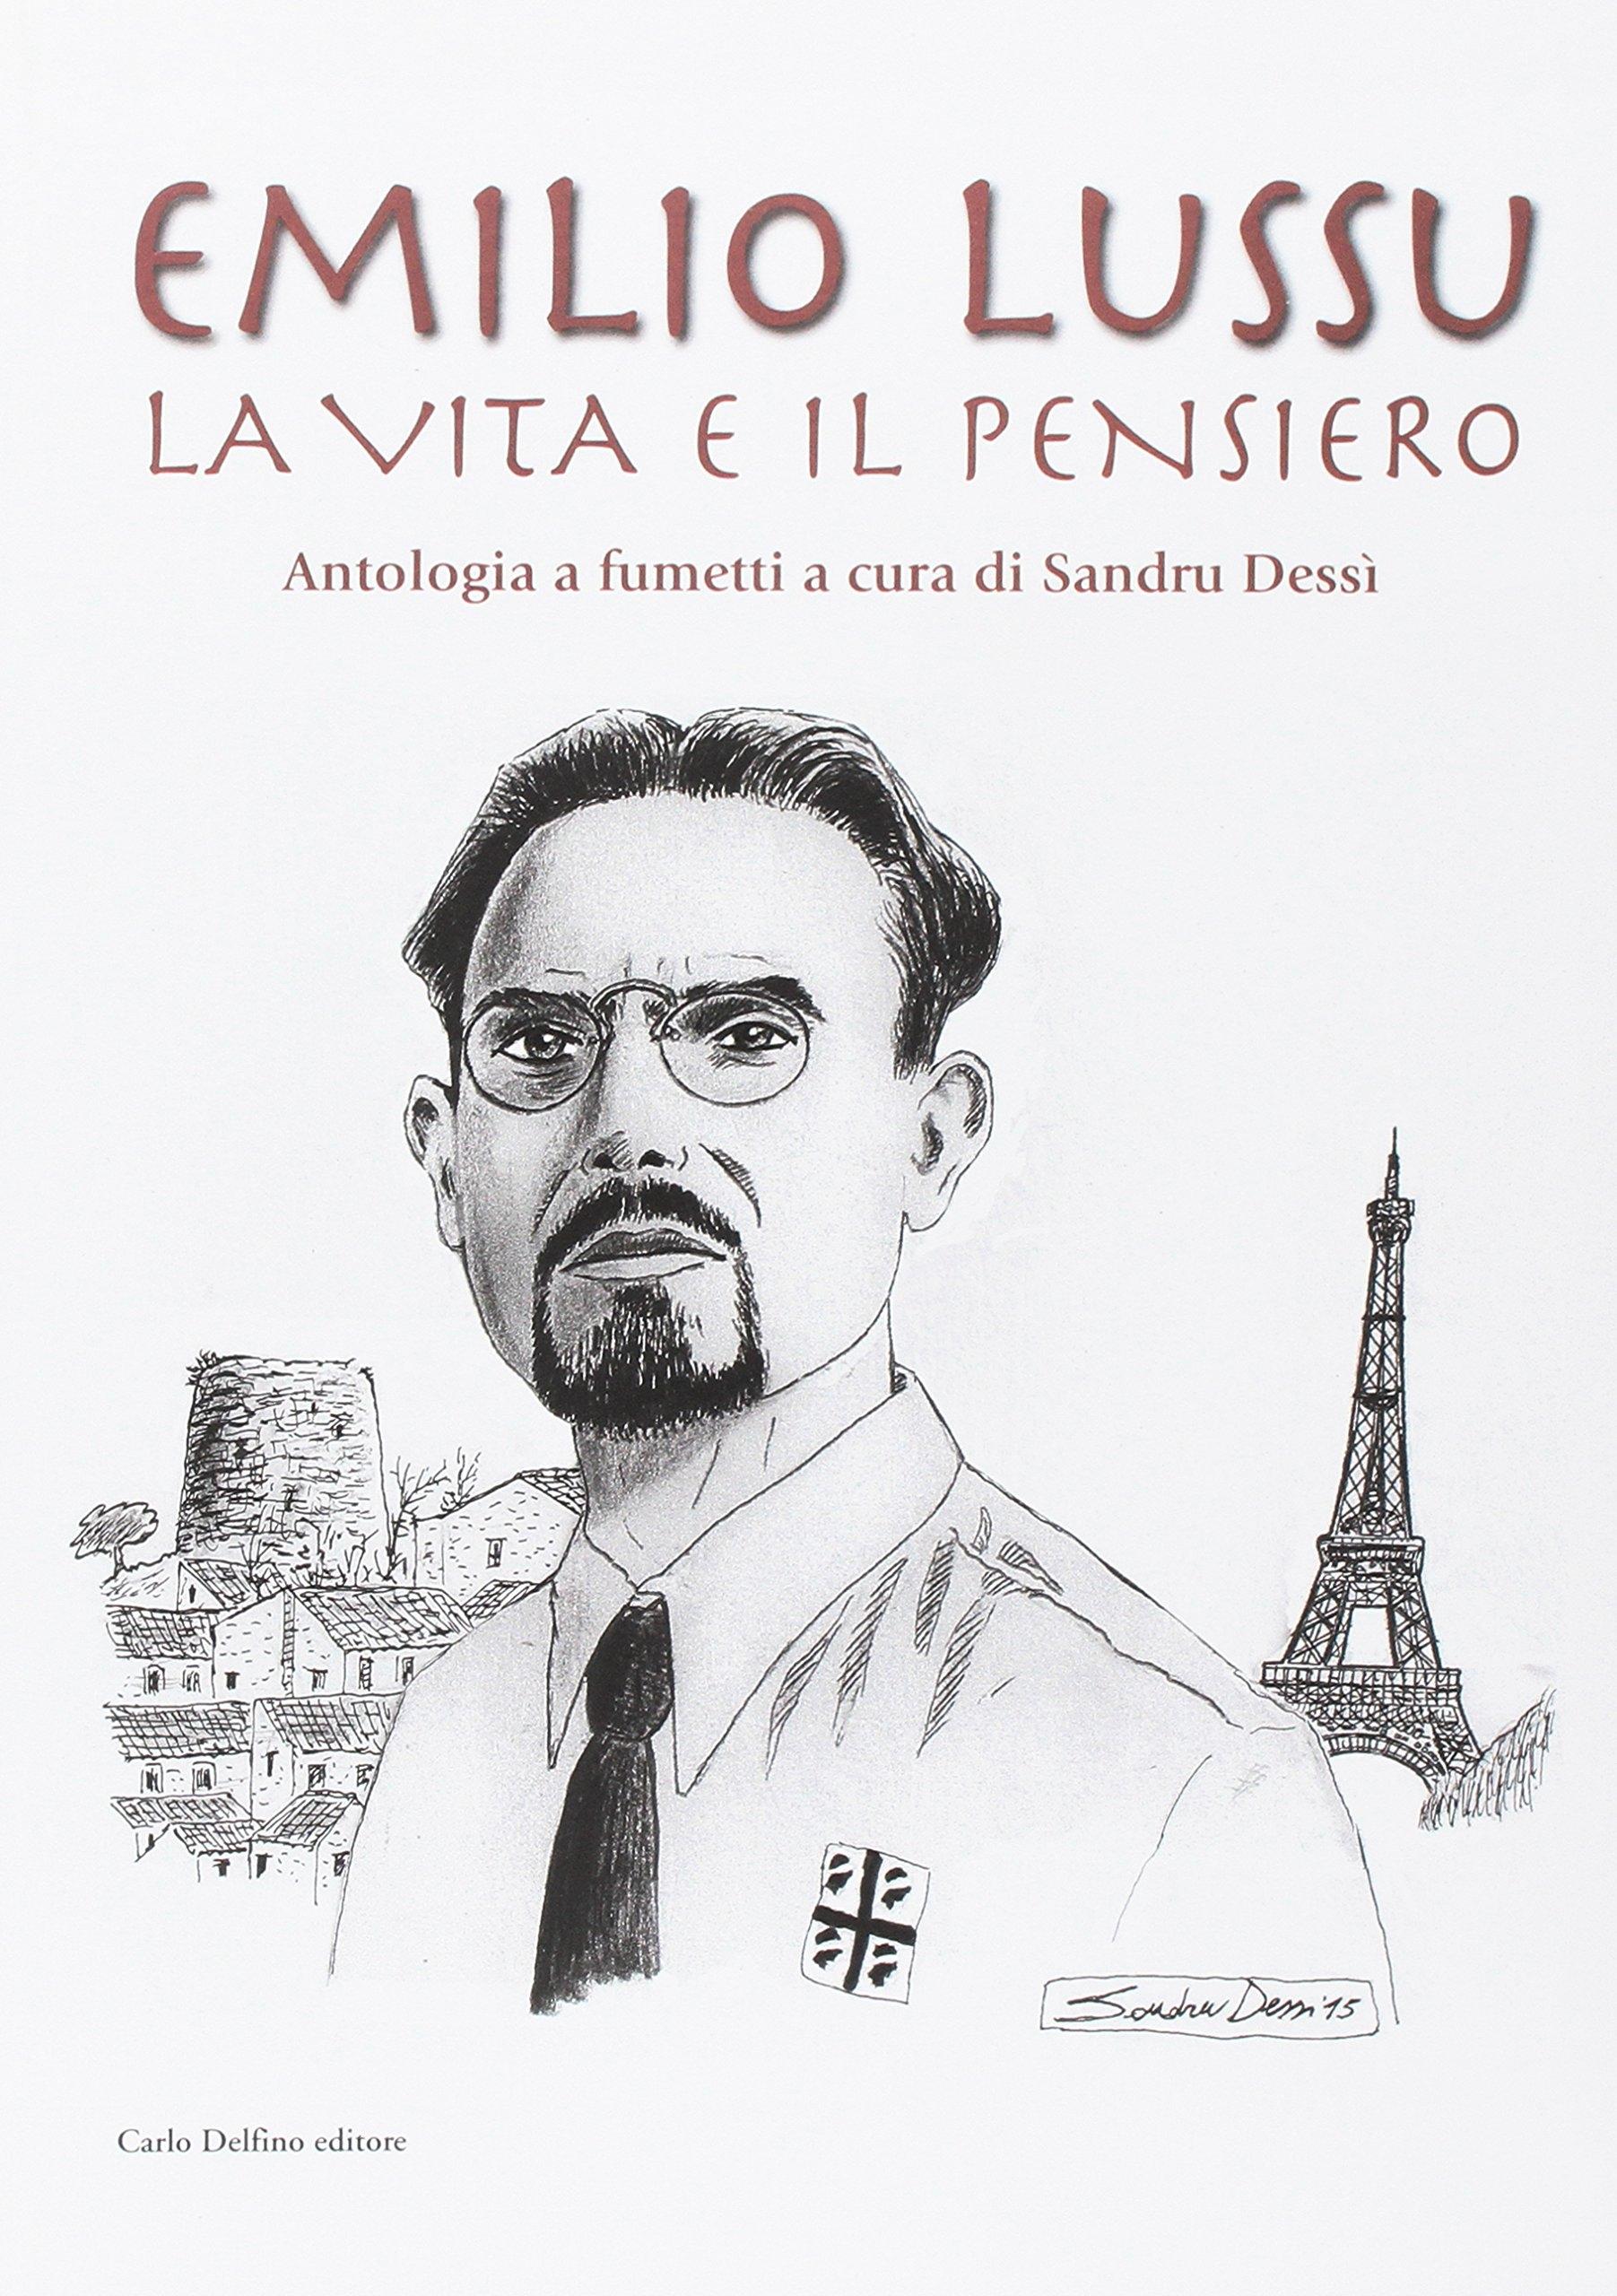 Emilio lussu. La Vita e il Pensiero. Antologia a fumetti.